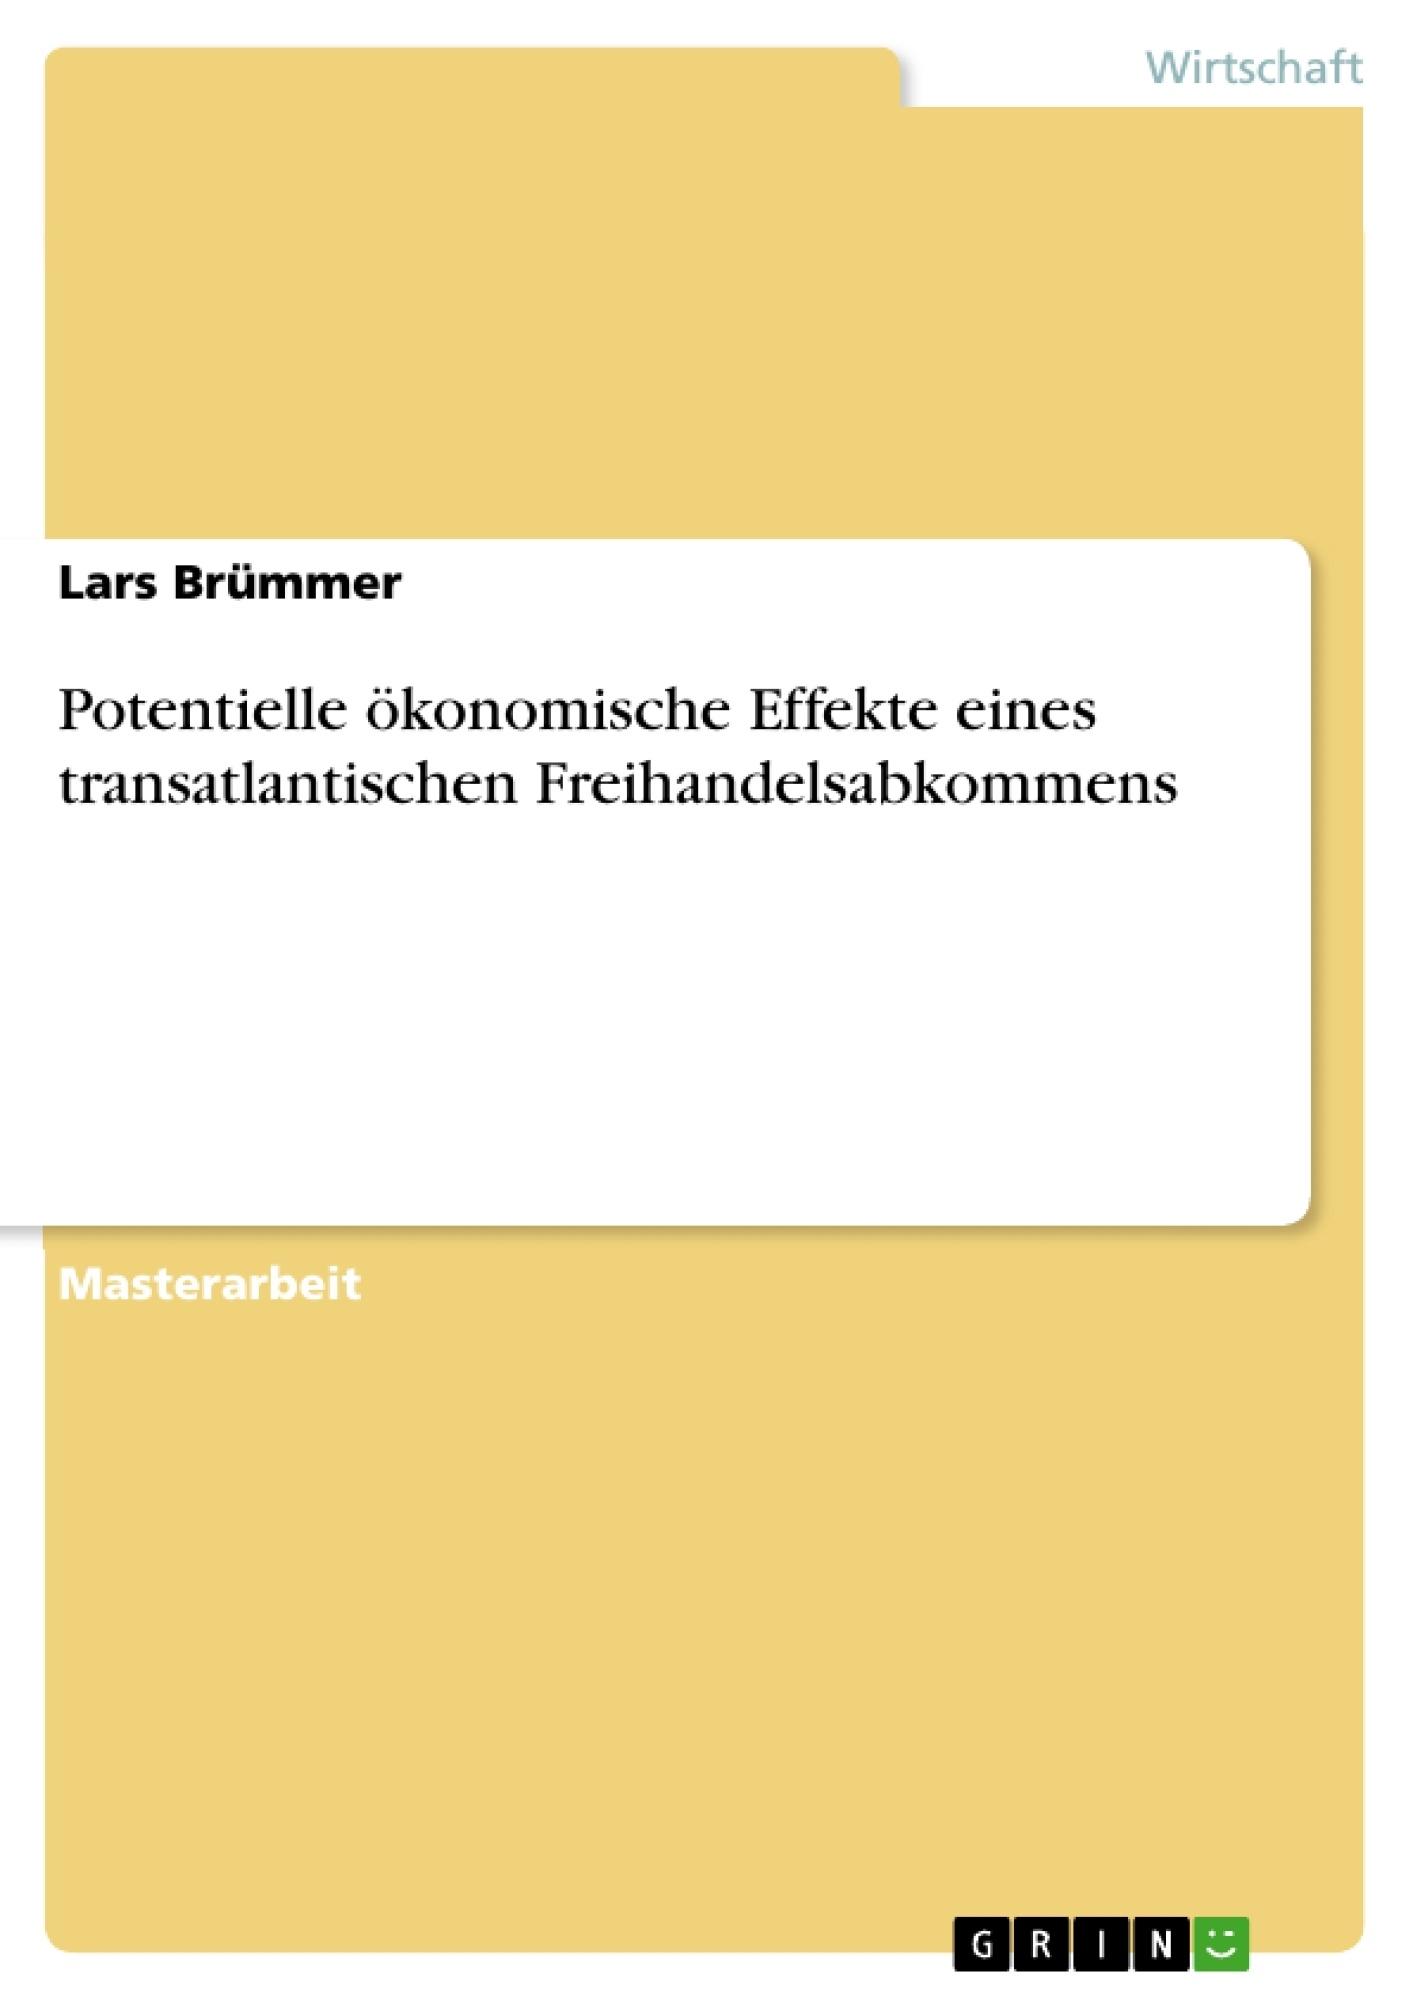 Titel: Potentielle ökonomische Effekte eines transatlantischen Freihandelsabkommens